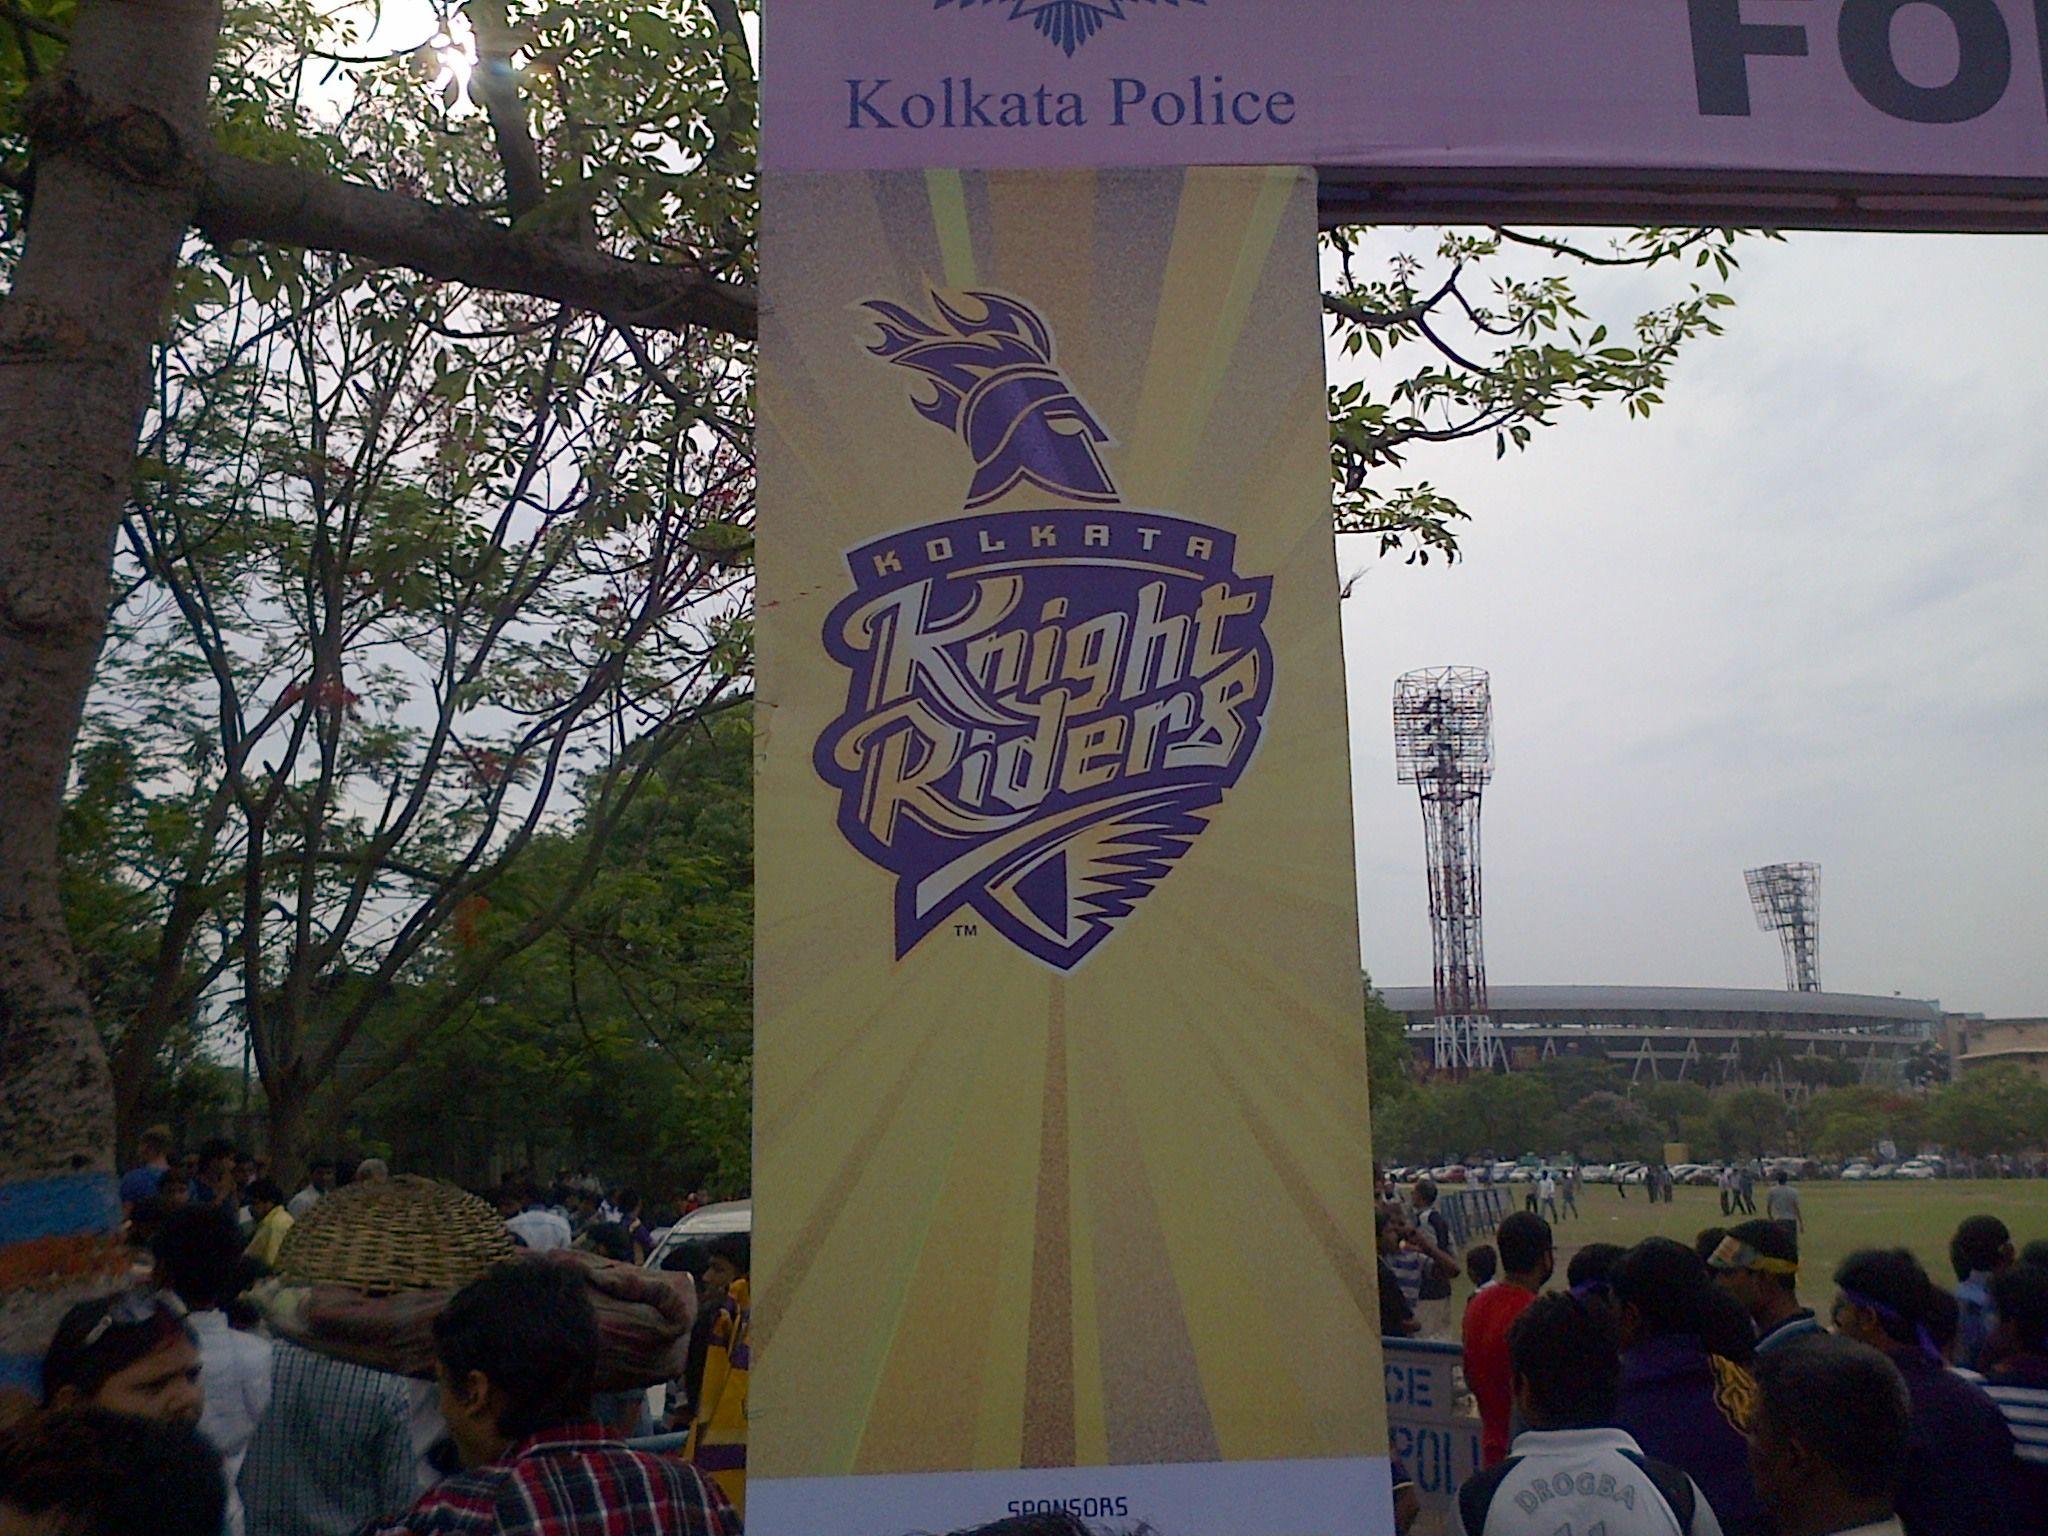 Ipl 6 Pictures Eden Gardens Kolkata Before The Start Of The